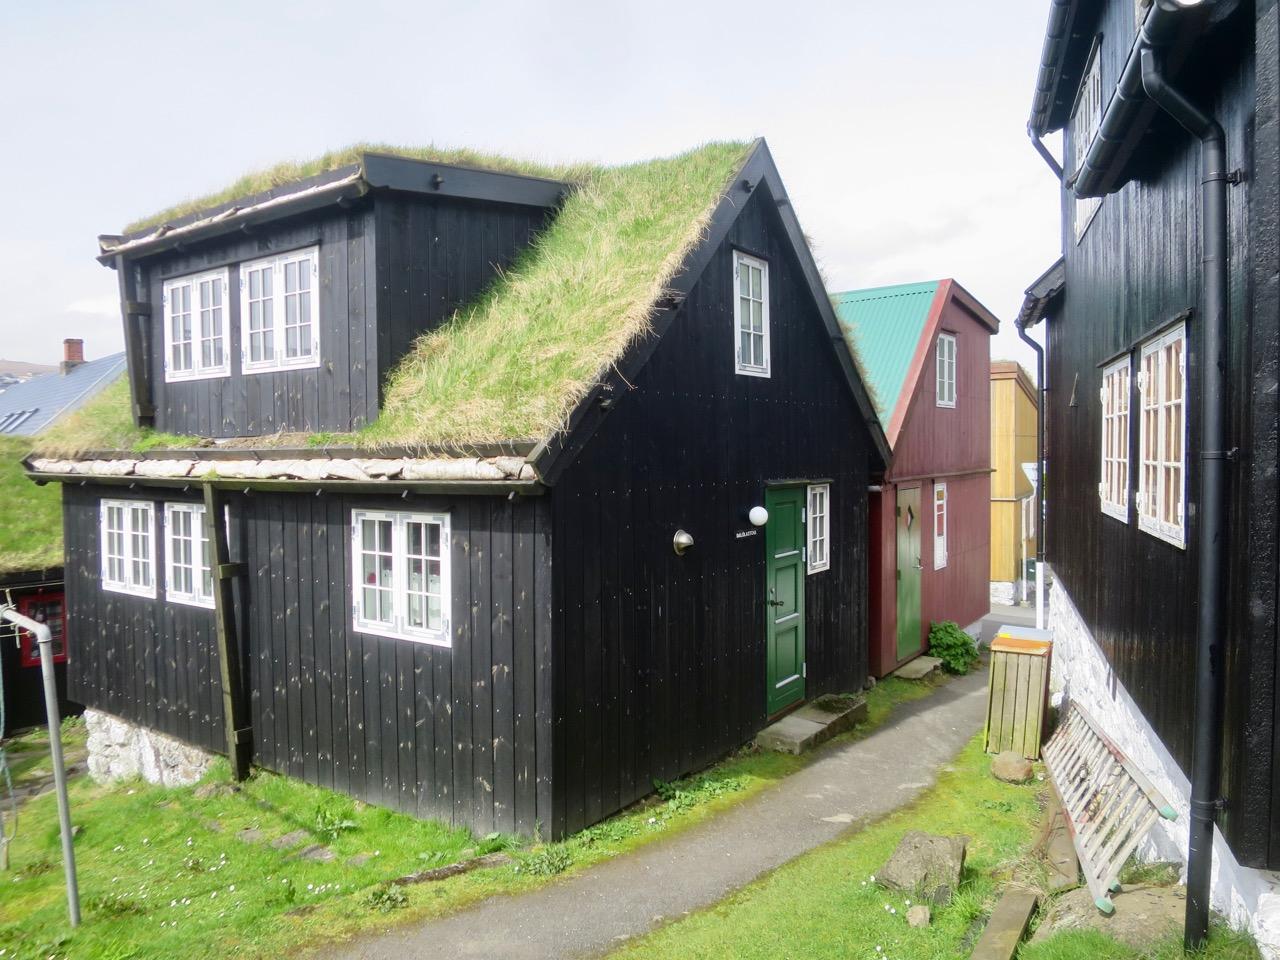 Ilhas Faroe 1 26